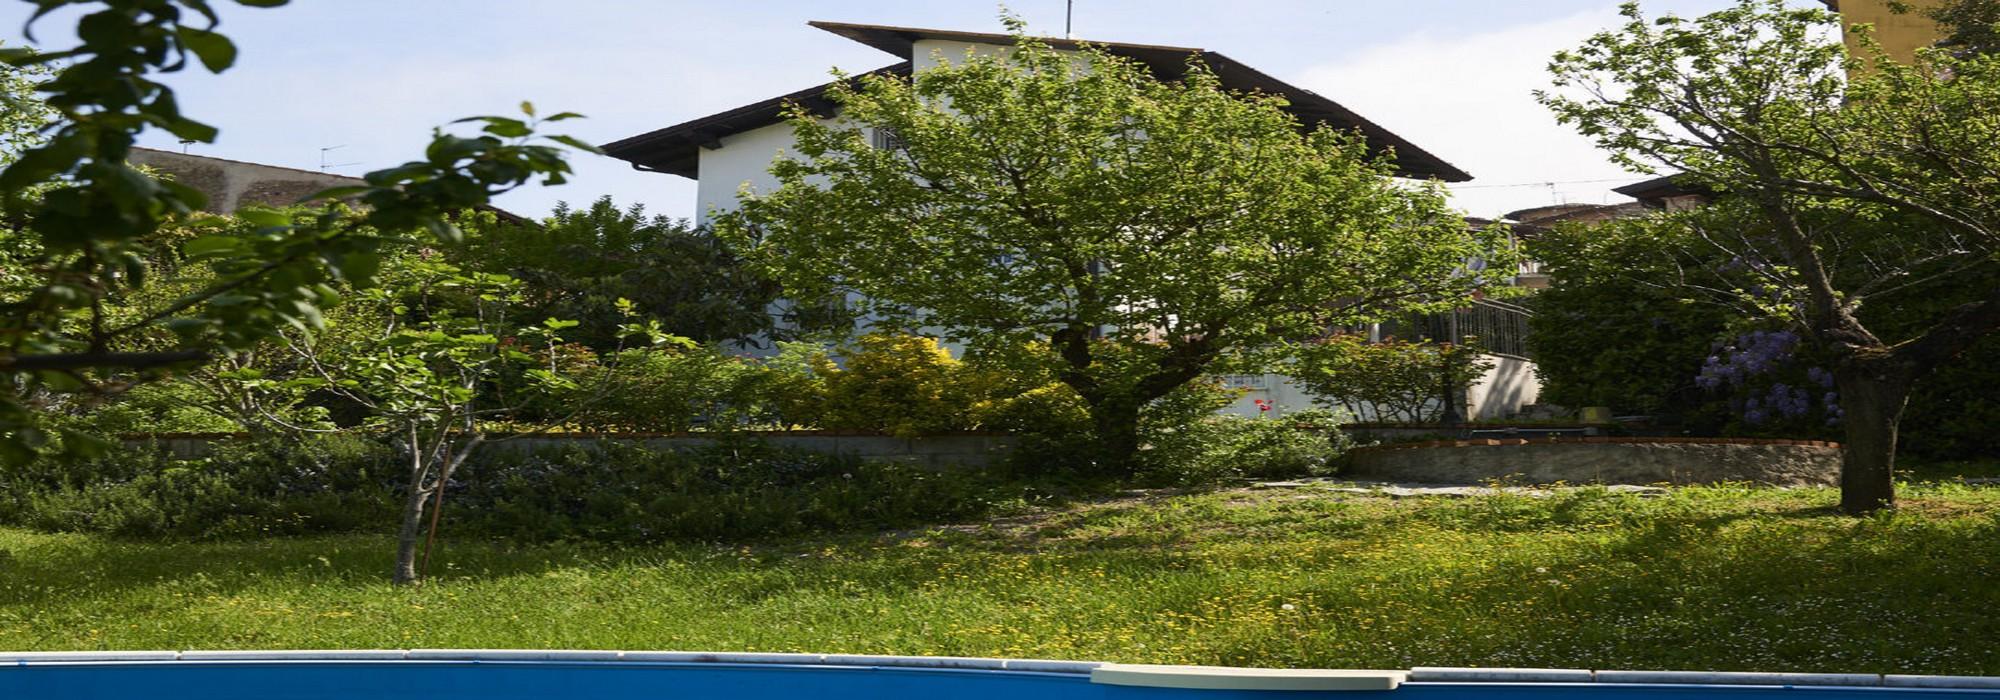 Golferenzo (PV) VENDITA Villetta di pregio con piscina Rif. 209